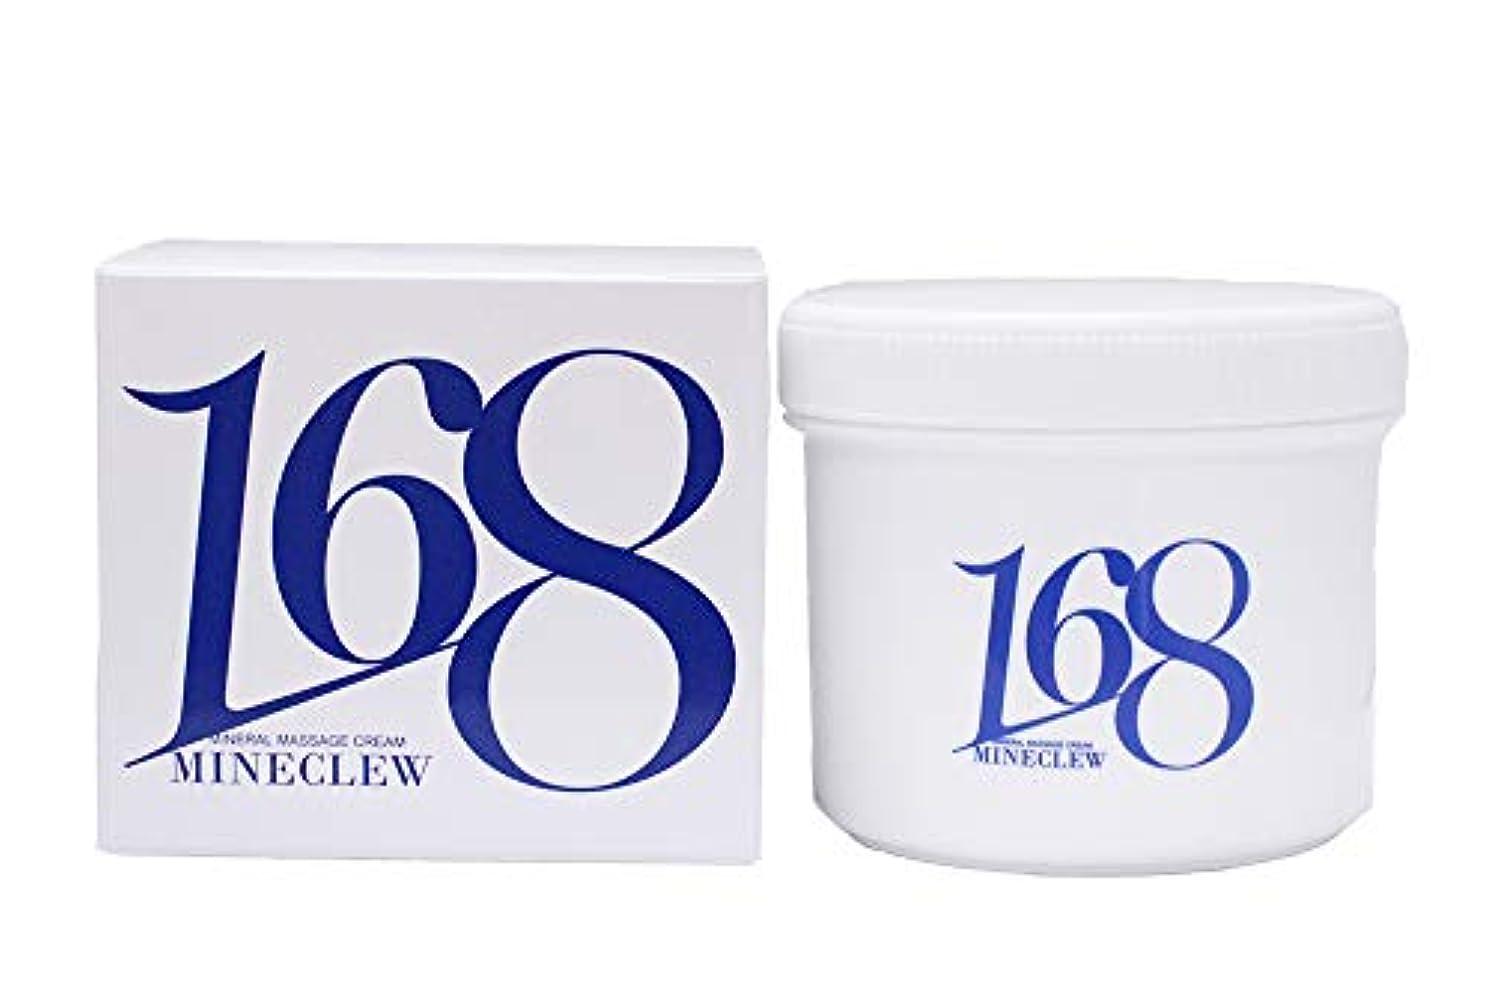 薬用ビーチ黙認するMINECLEW168 (ミネクル168) ミネラルマッサージクリーム 350g 【大容量】